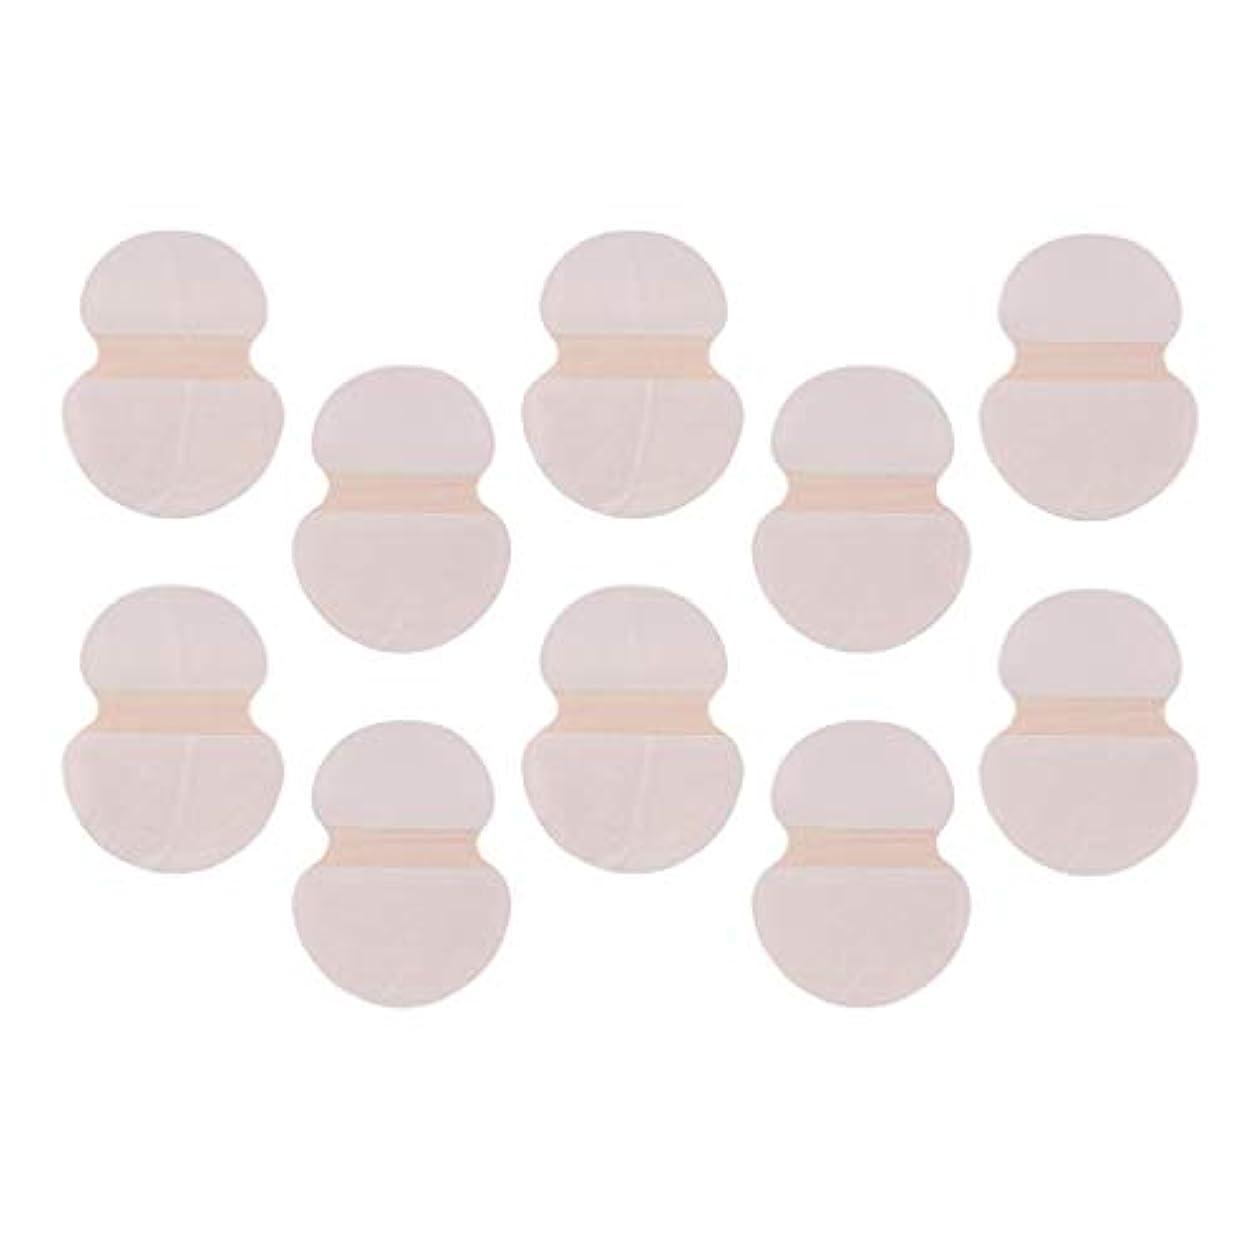 知る無塩辛いPerfeclan 20ピース 脇の下汗パッド 汗止めパッド 不織布 脇の汗染み防止 男性/女性対応